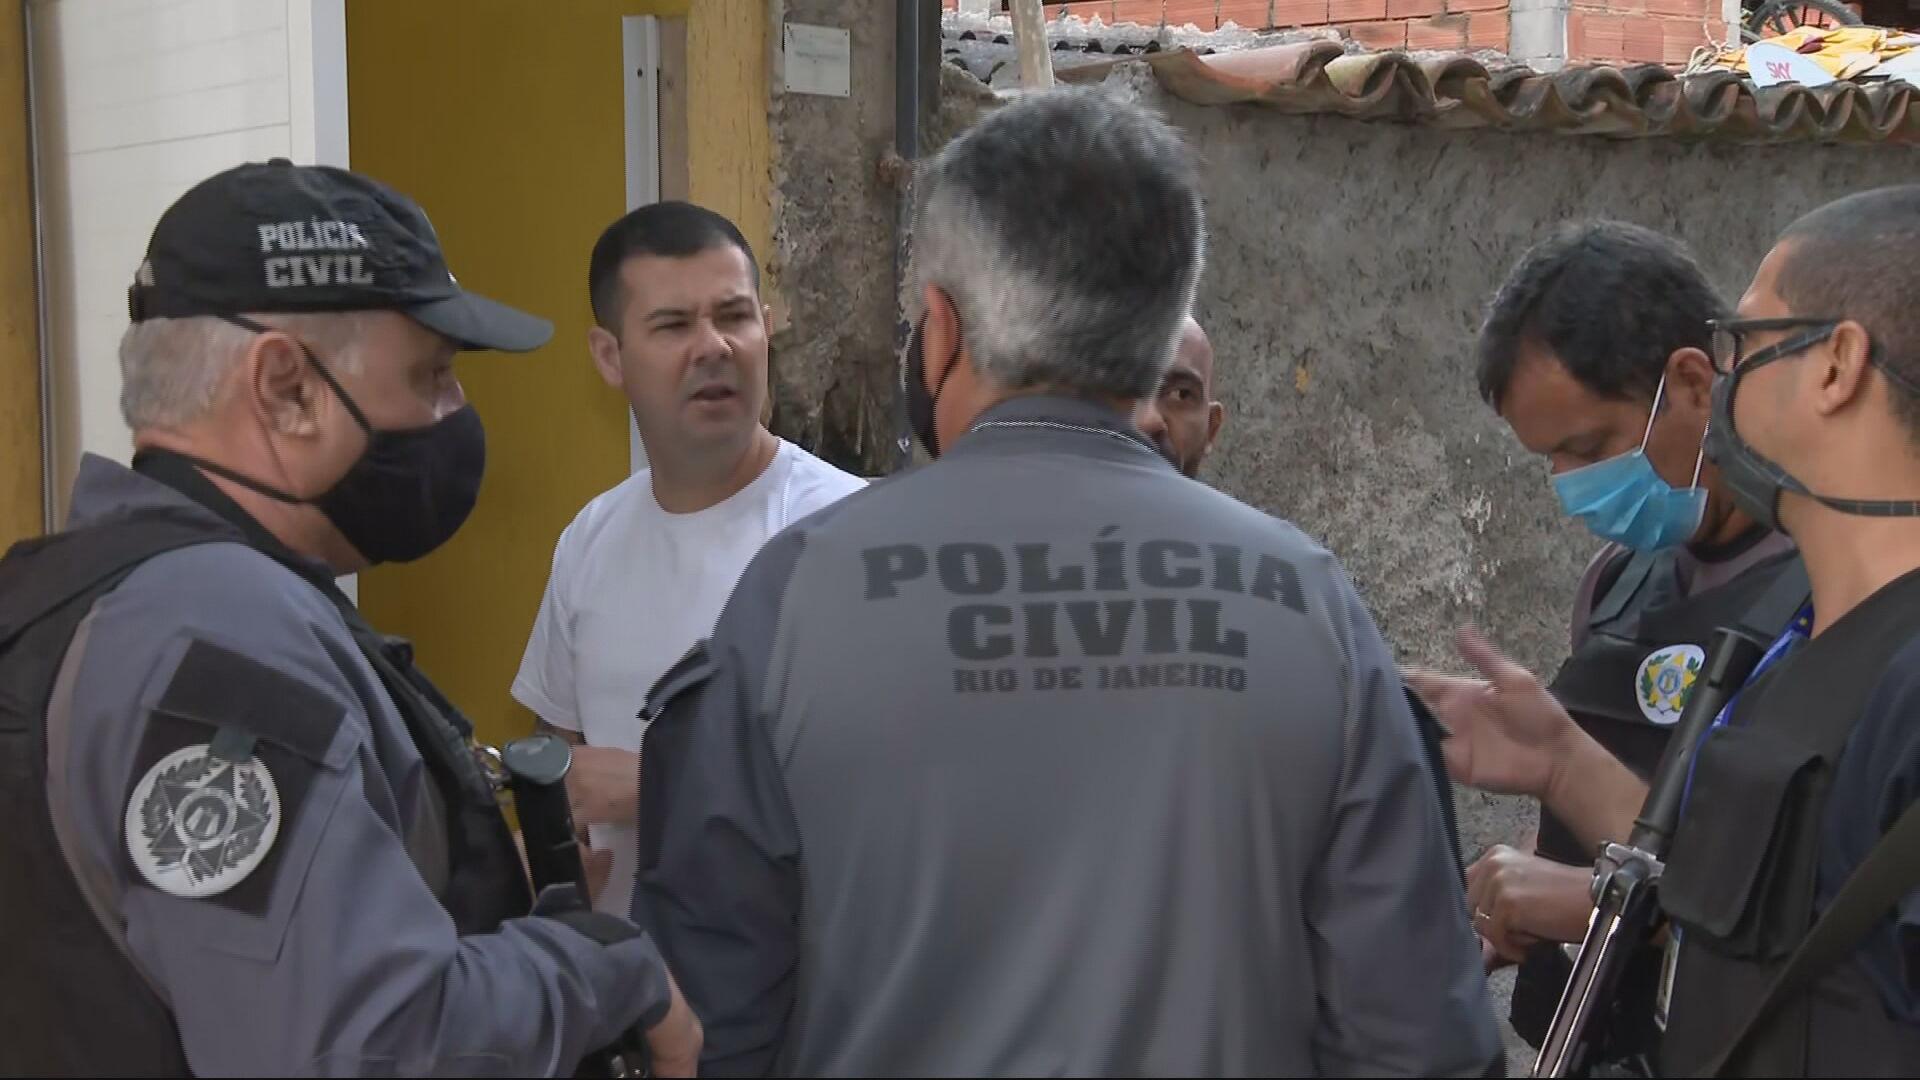 Polícia Civil faz sobre operação contra milícias no Rio de Janeiro